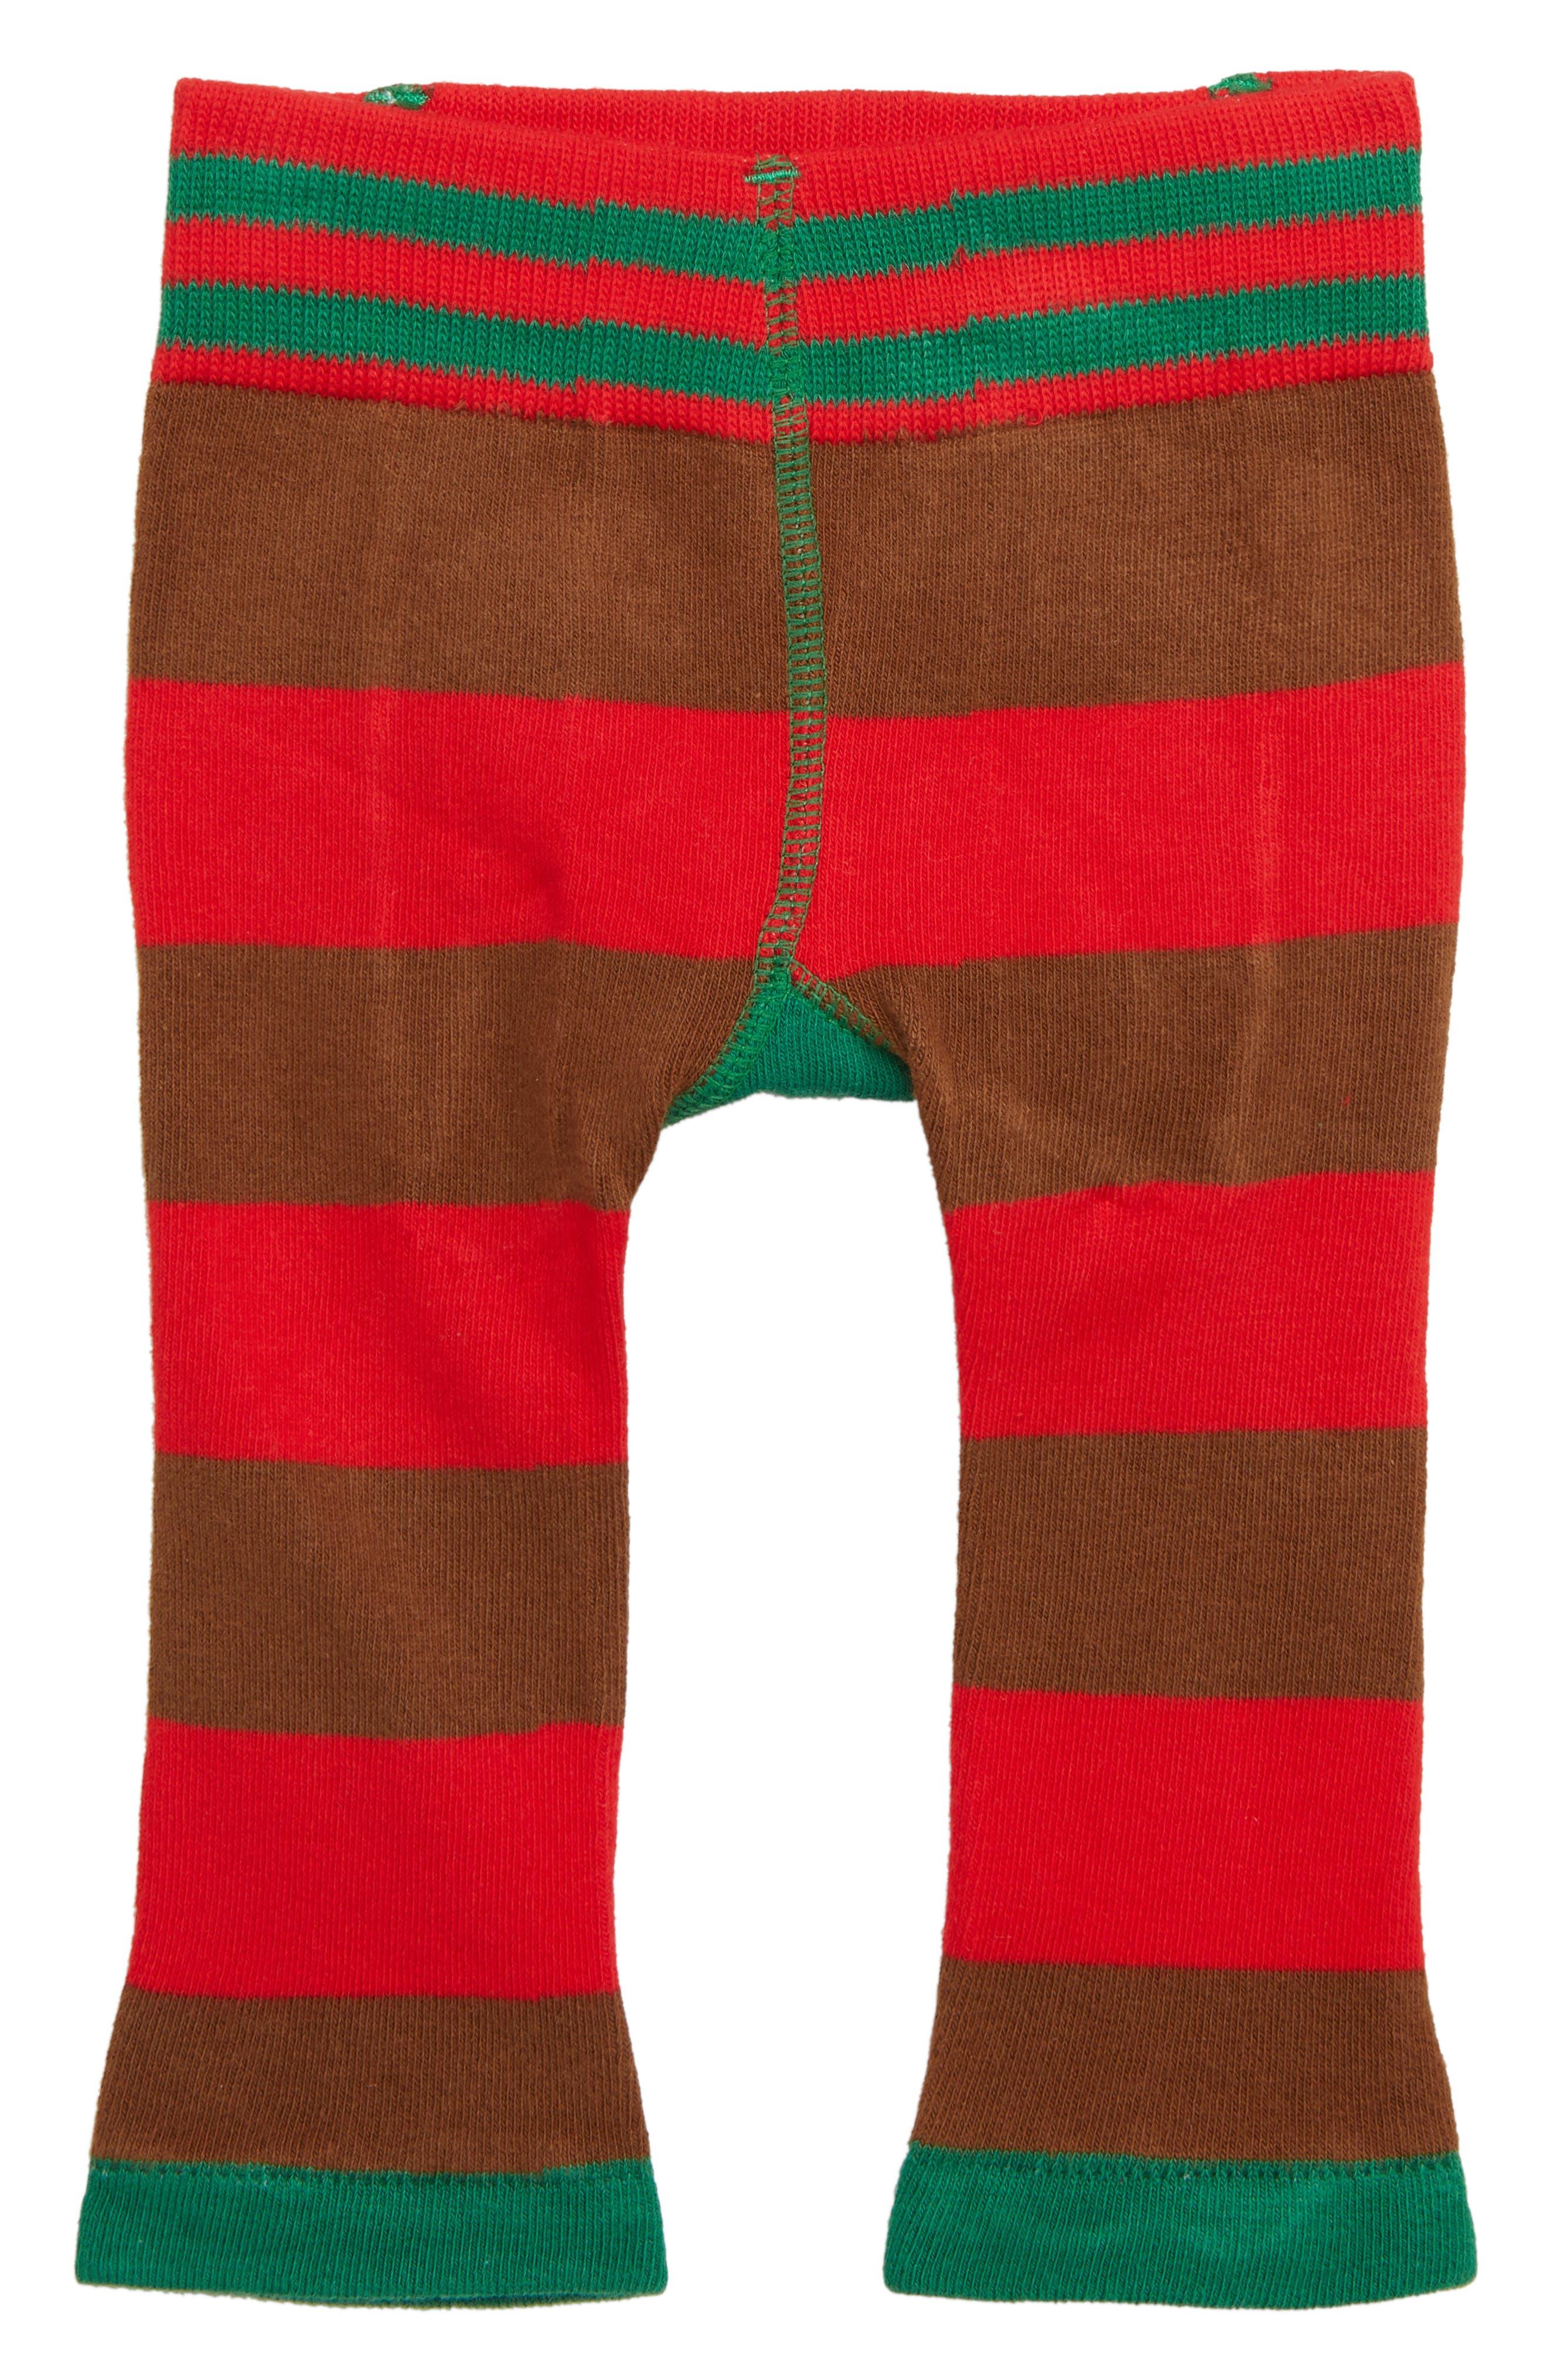 Santa Leggings,                             Main thumbnail 1, color,                             RED/ GREEN/ DEEP RED